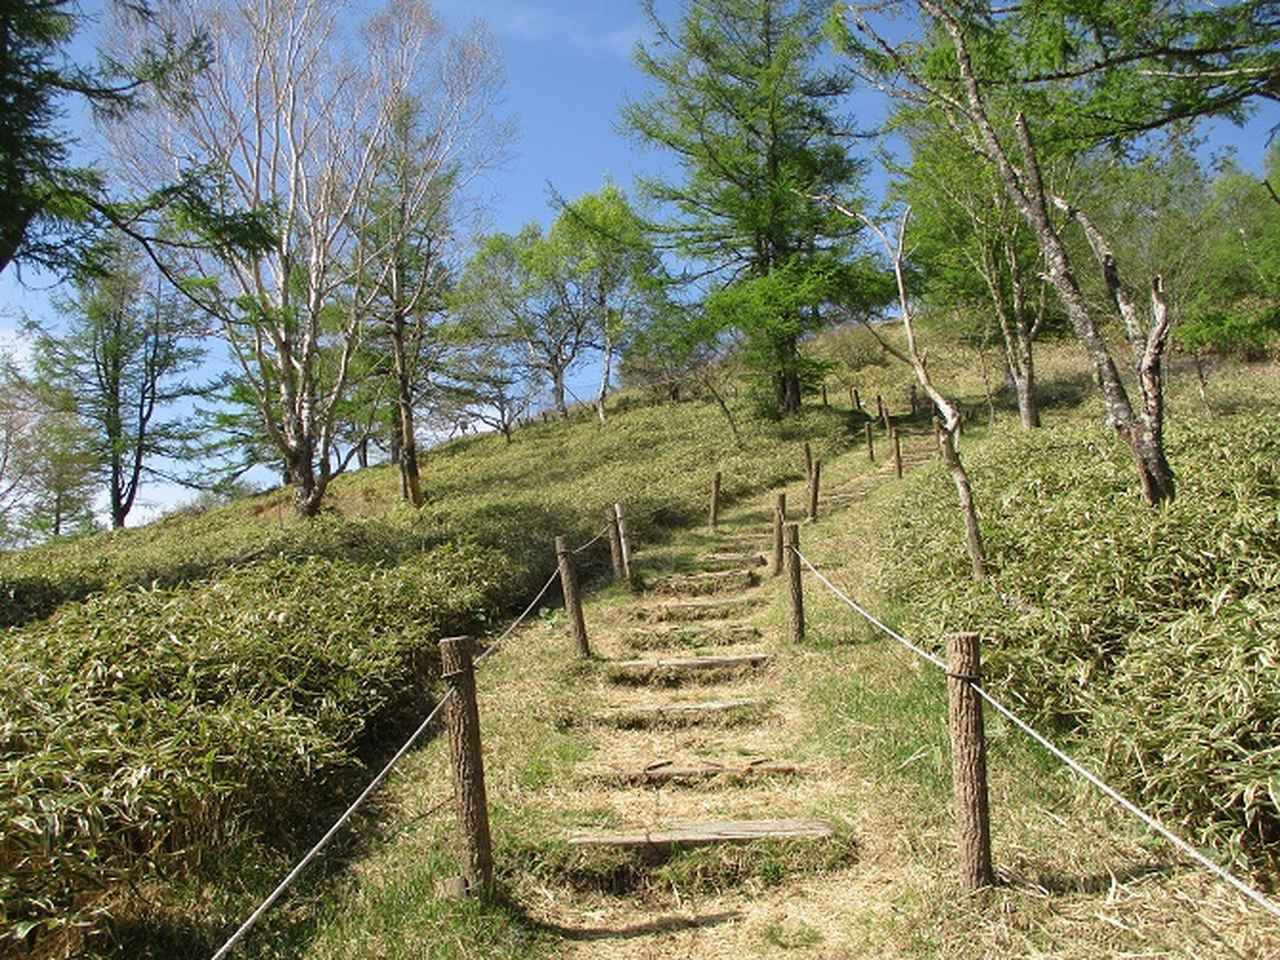 画像2: 6月の山旅会 「甘利山」 の下見にいってきました!